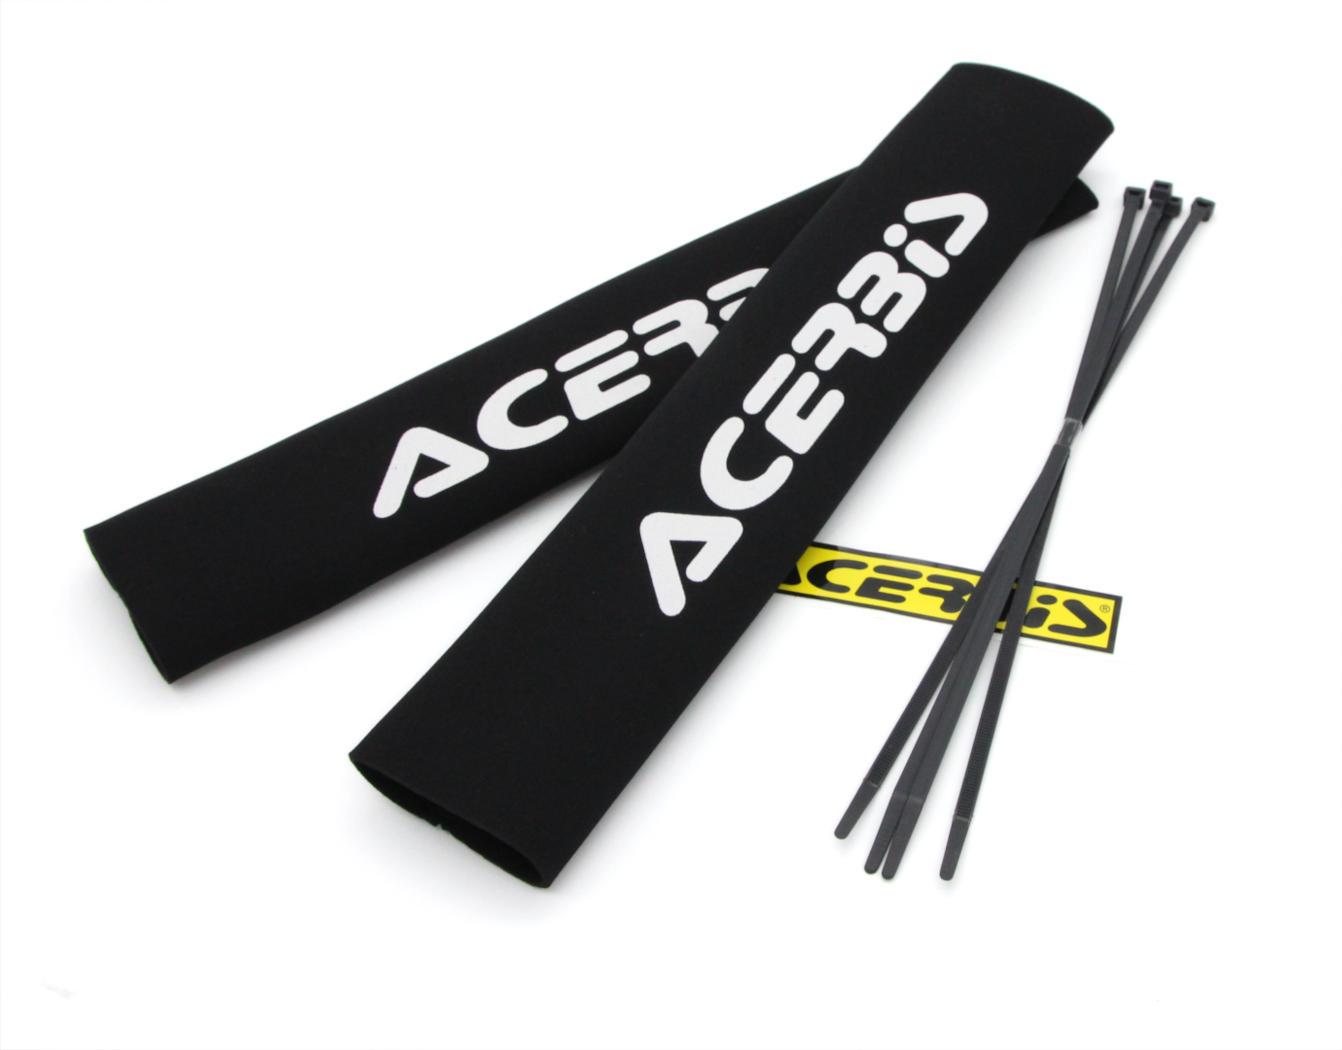 Gabelschutz / Stoßdämpferschutz Acerbis Neopren 40-50mm schwarz